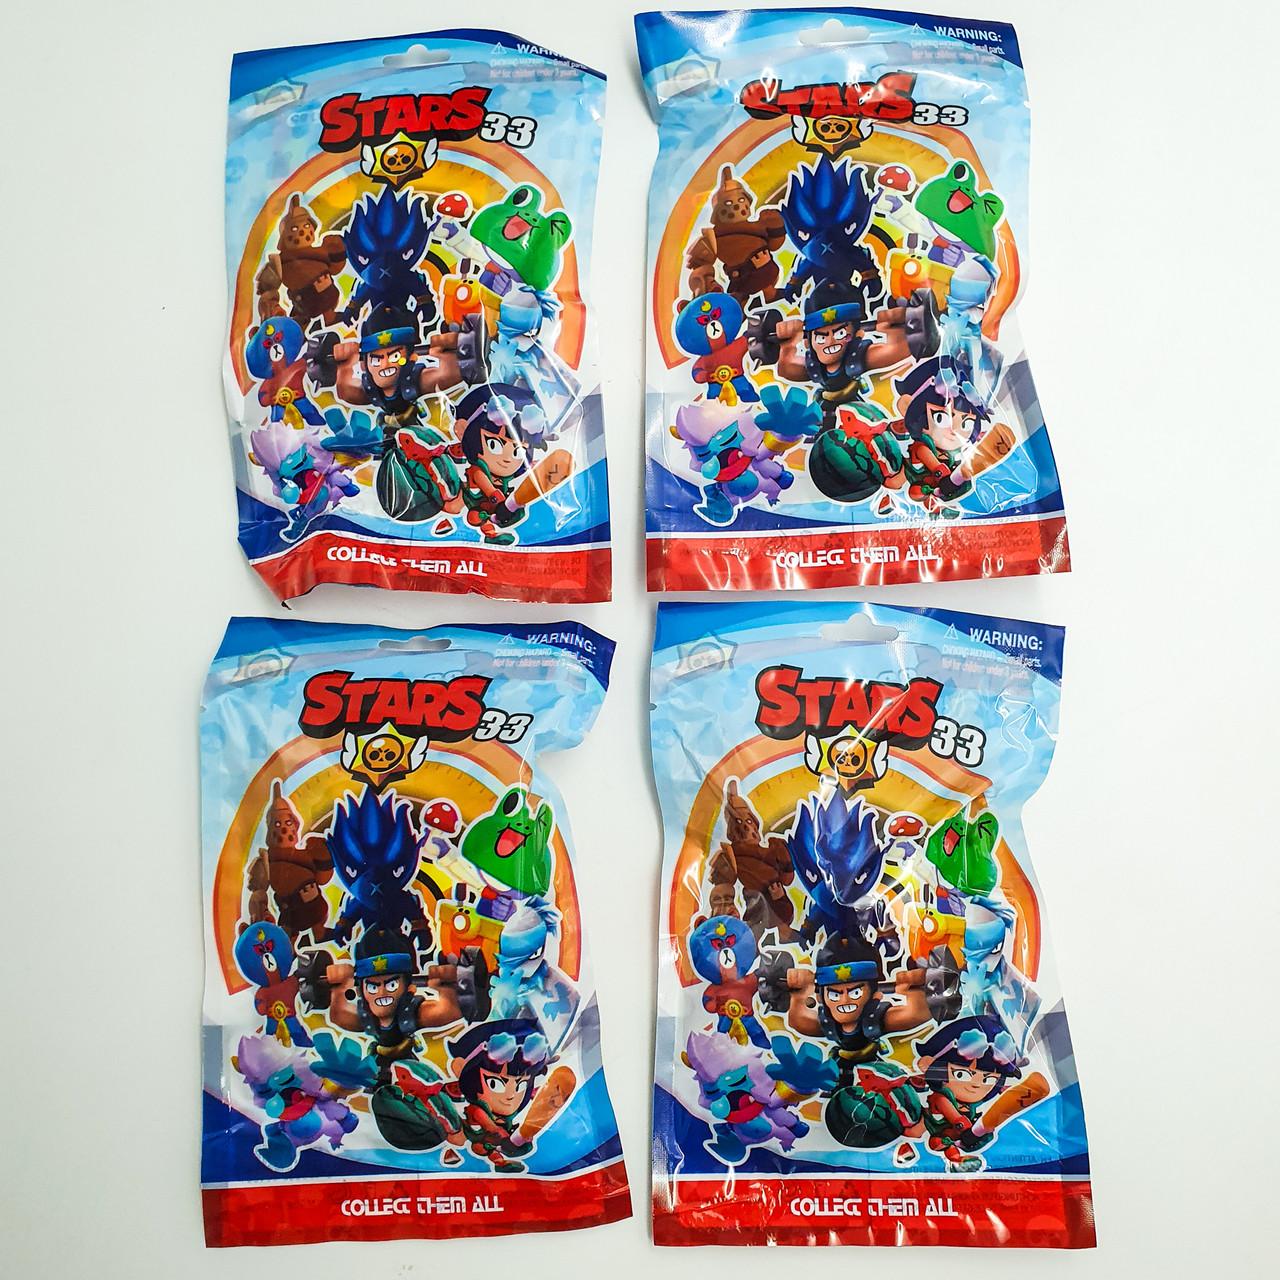 Фигурки Бравл Старс игровая карта в комплекте с фигуркой 7 см Brawl stars Heros 33 набор из 4 шт